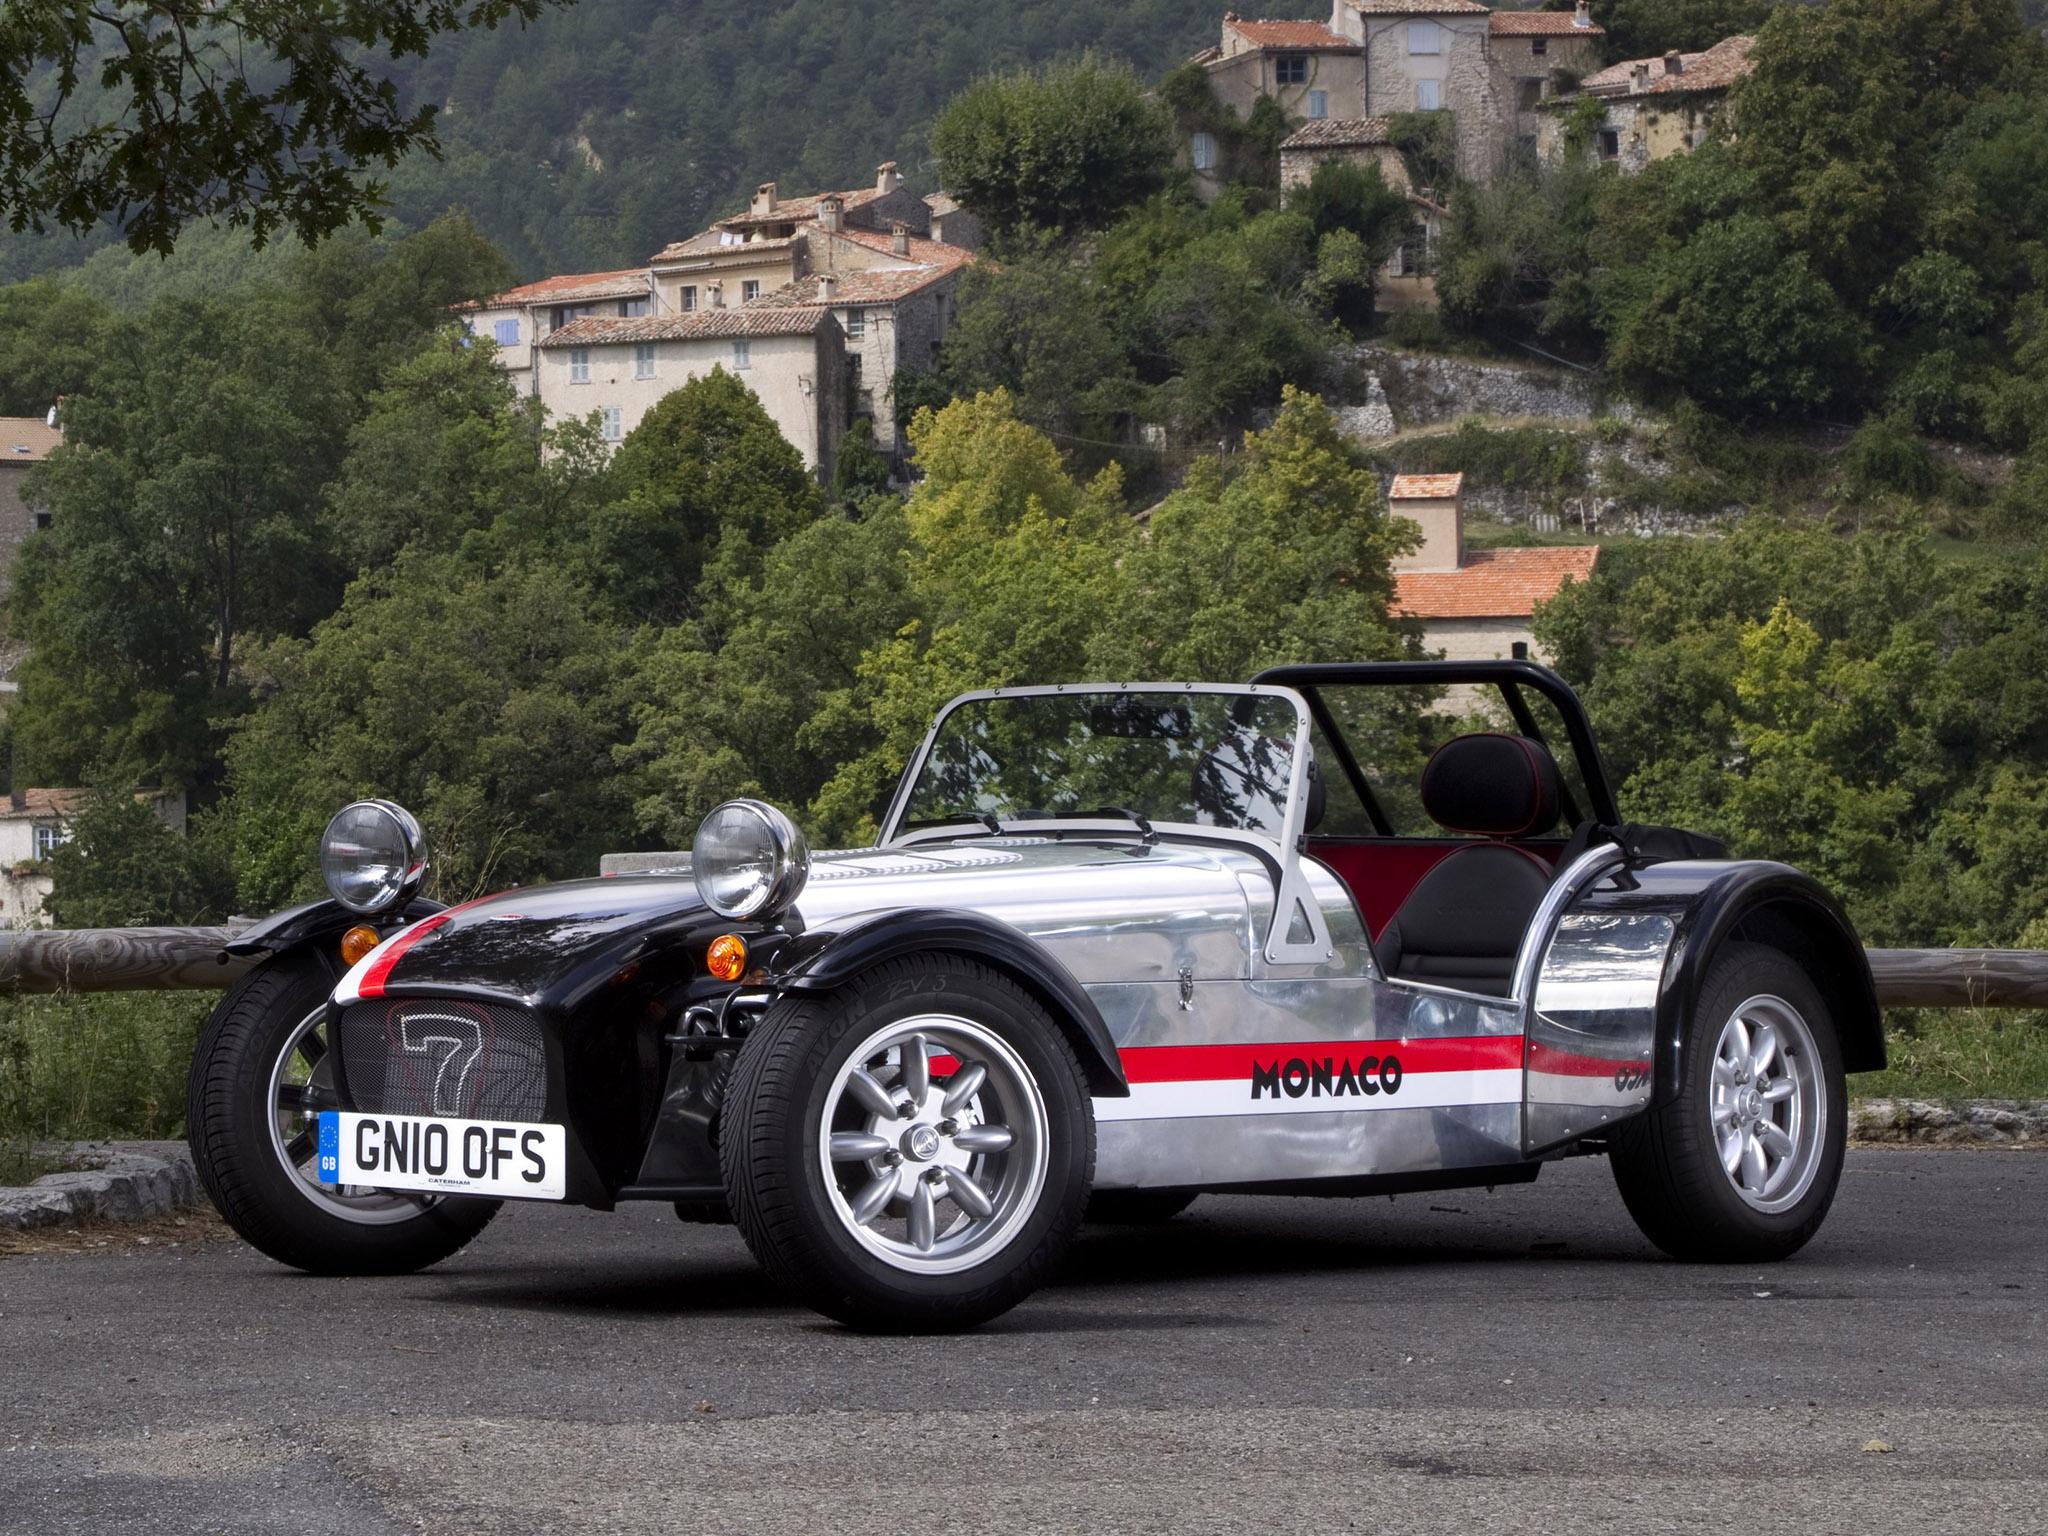 2010 Caterham_Seven Road Sport 125 Monaco Limited Edition